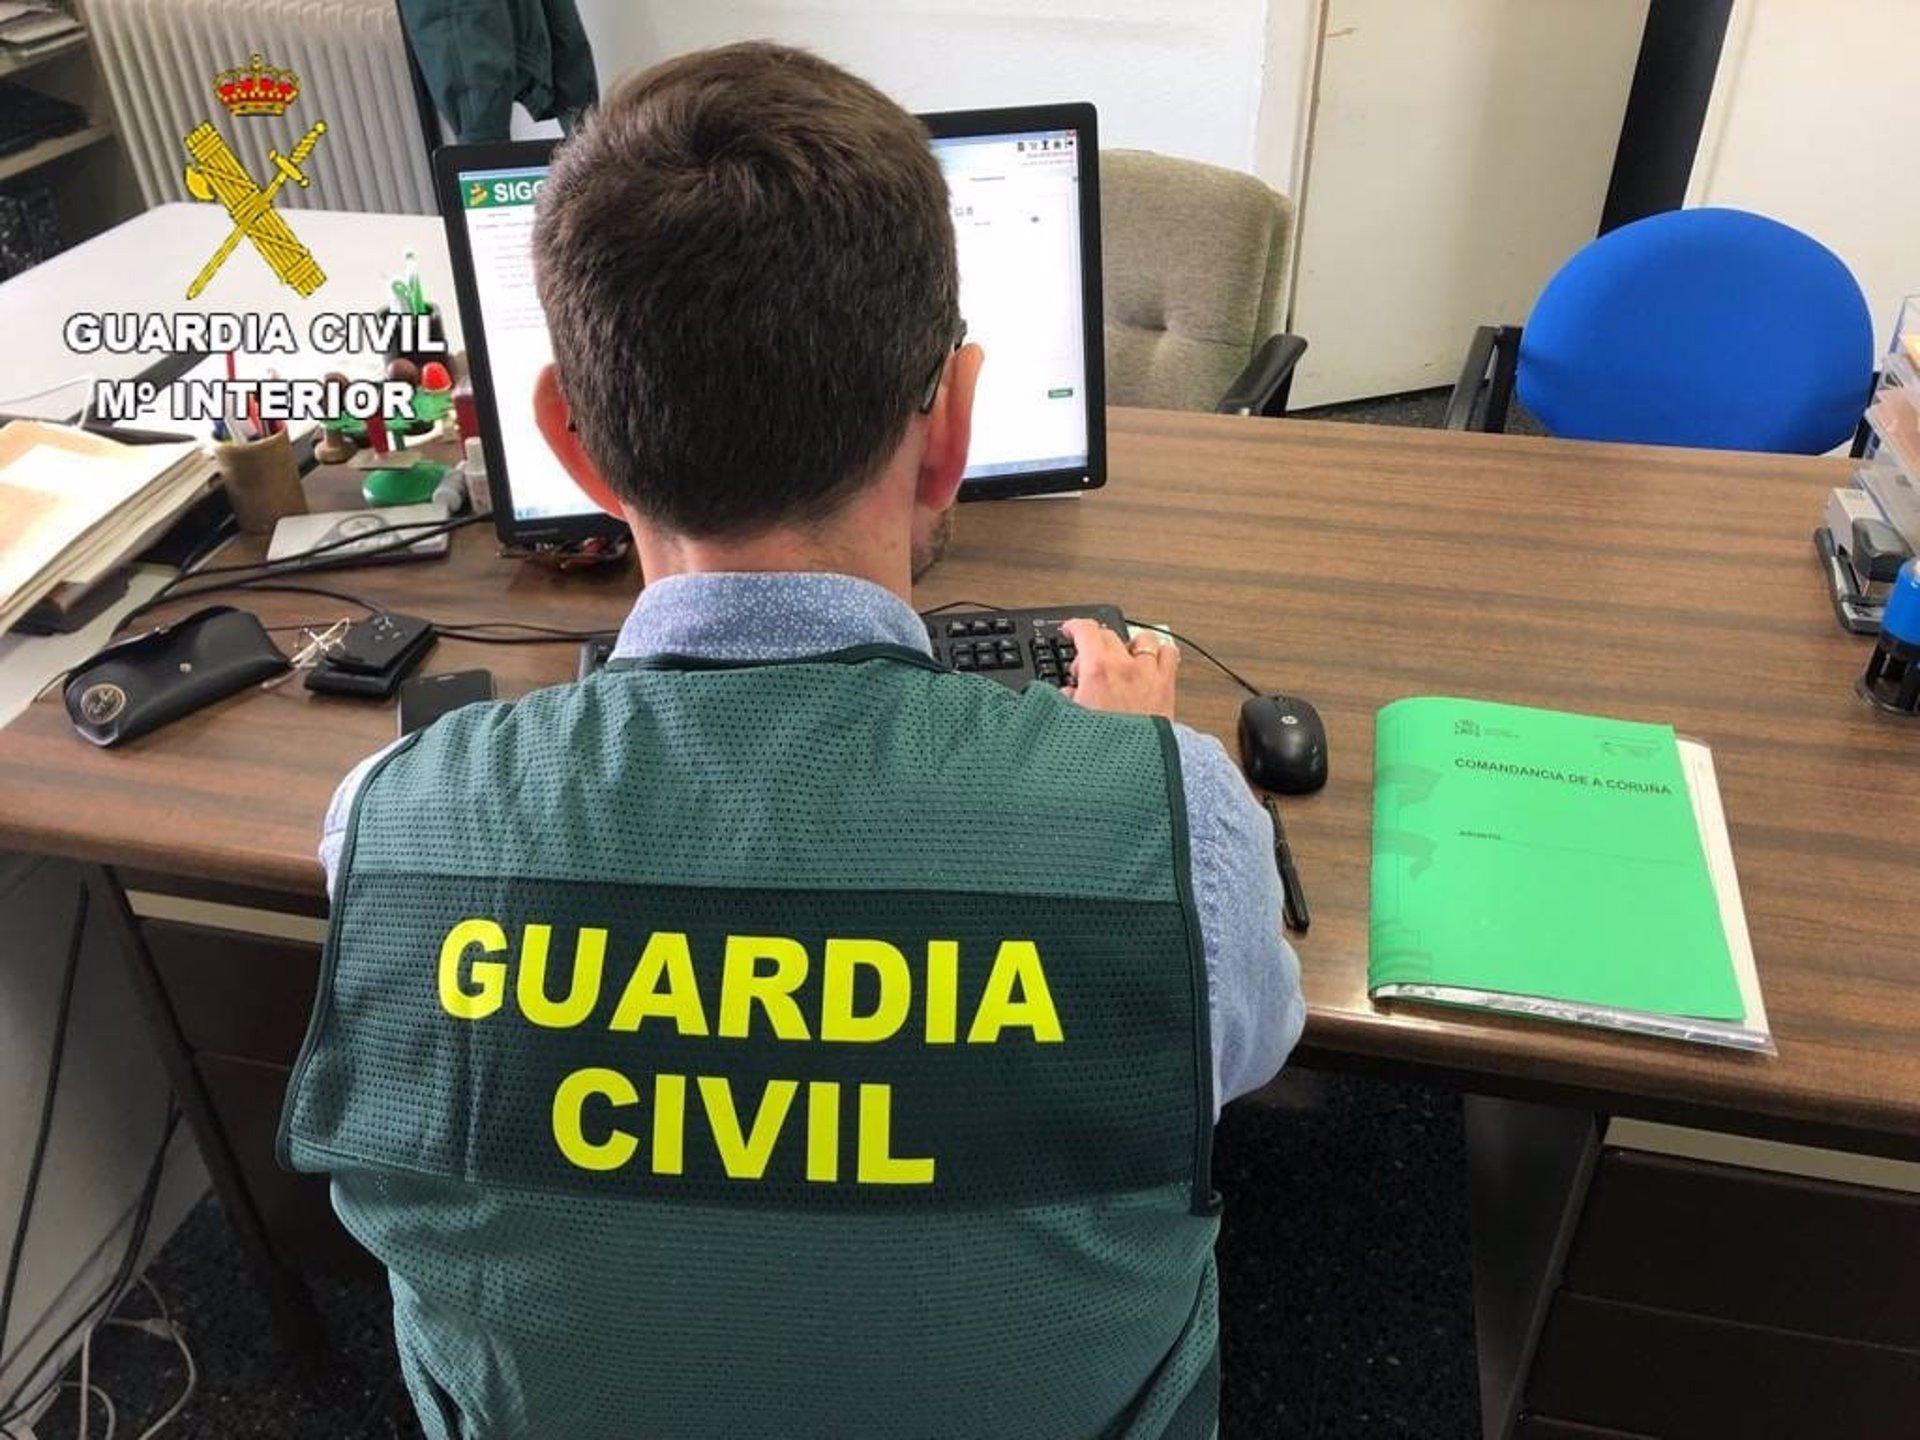 La Guardia Civil investiga a un joven acusado de tratar de enviar medio kilo de hachís por correo